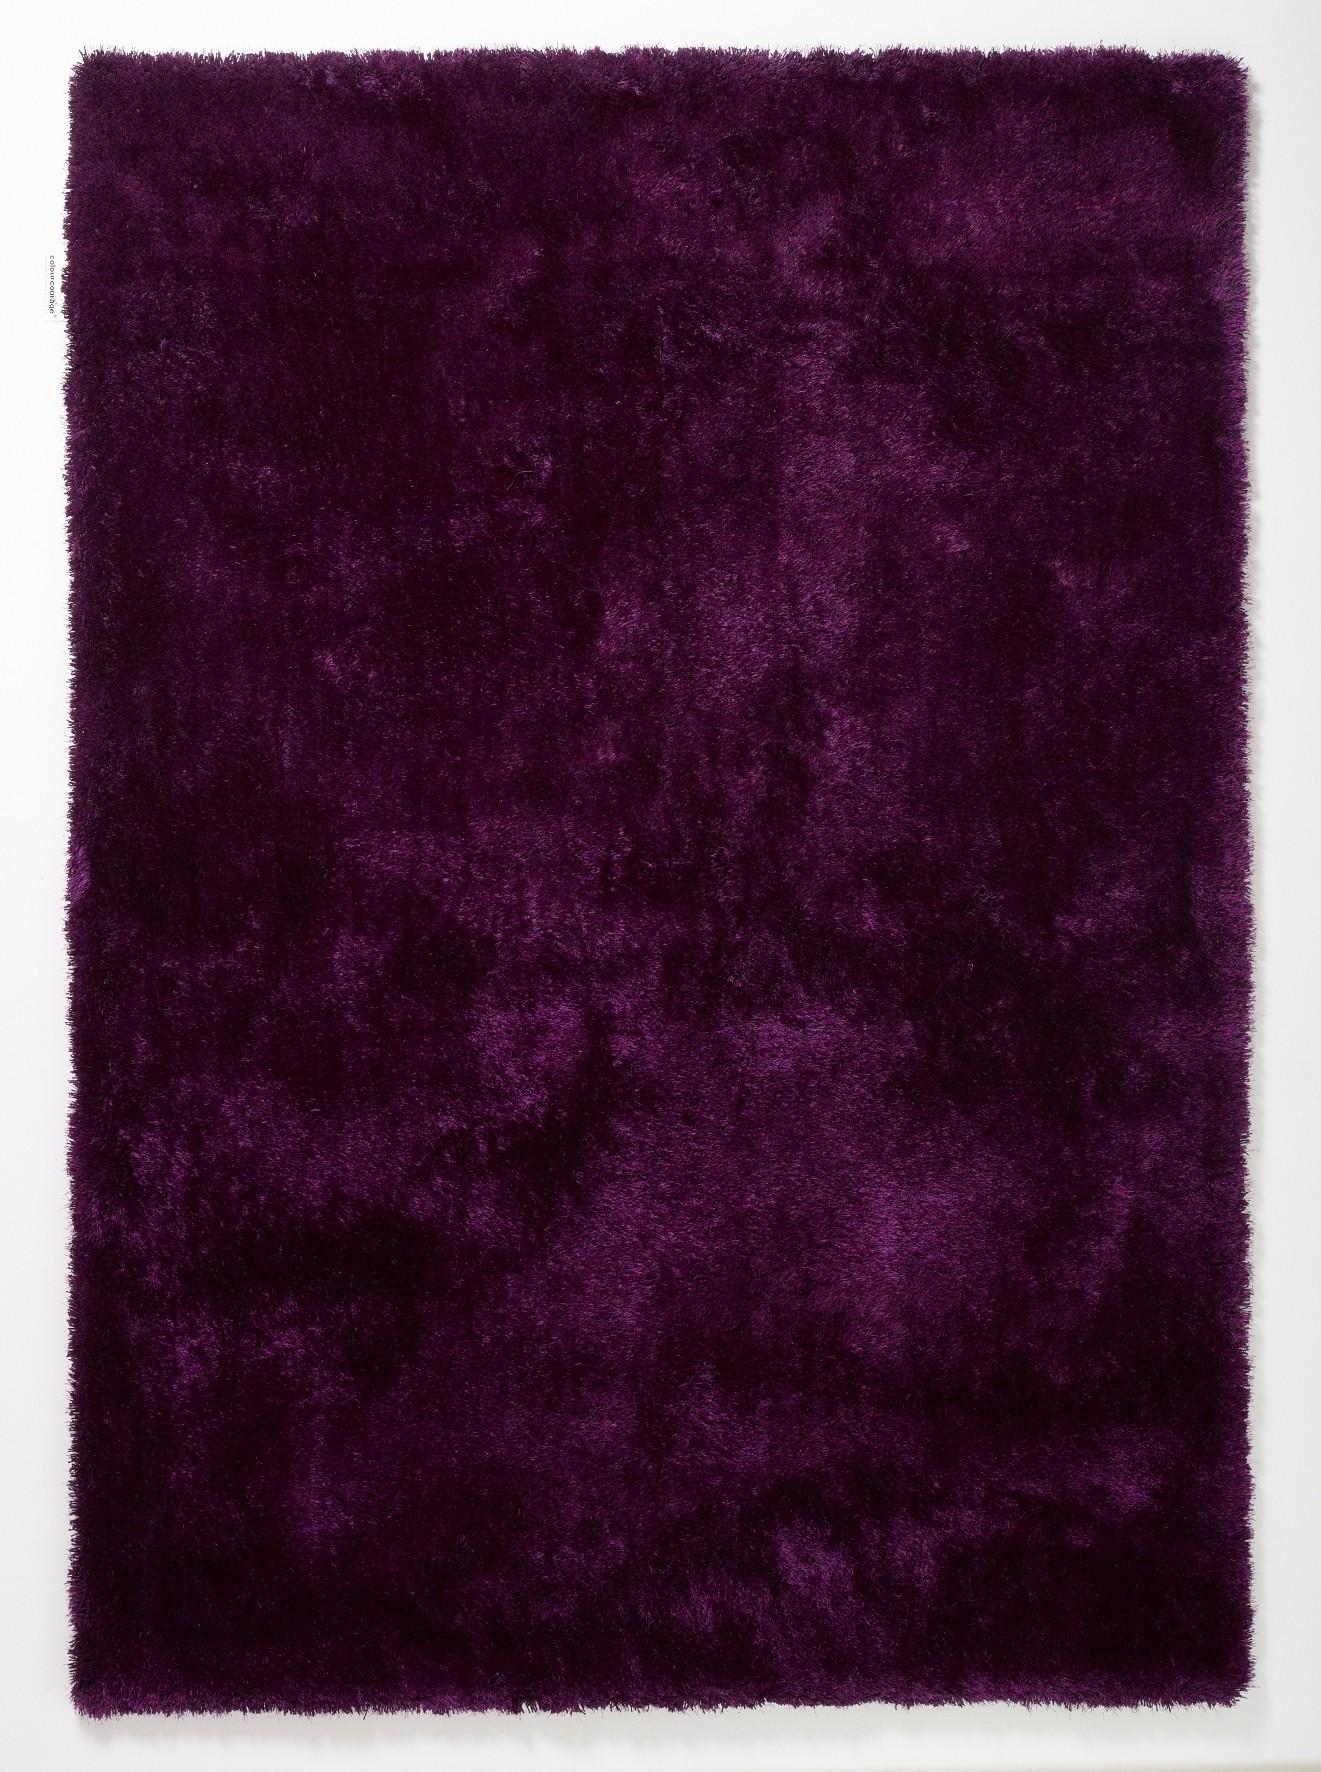 Teppich Aubergine – Lila – 140 x 200 cm, Colourcourage bestellen